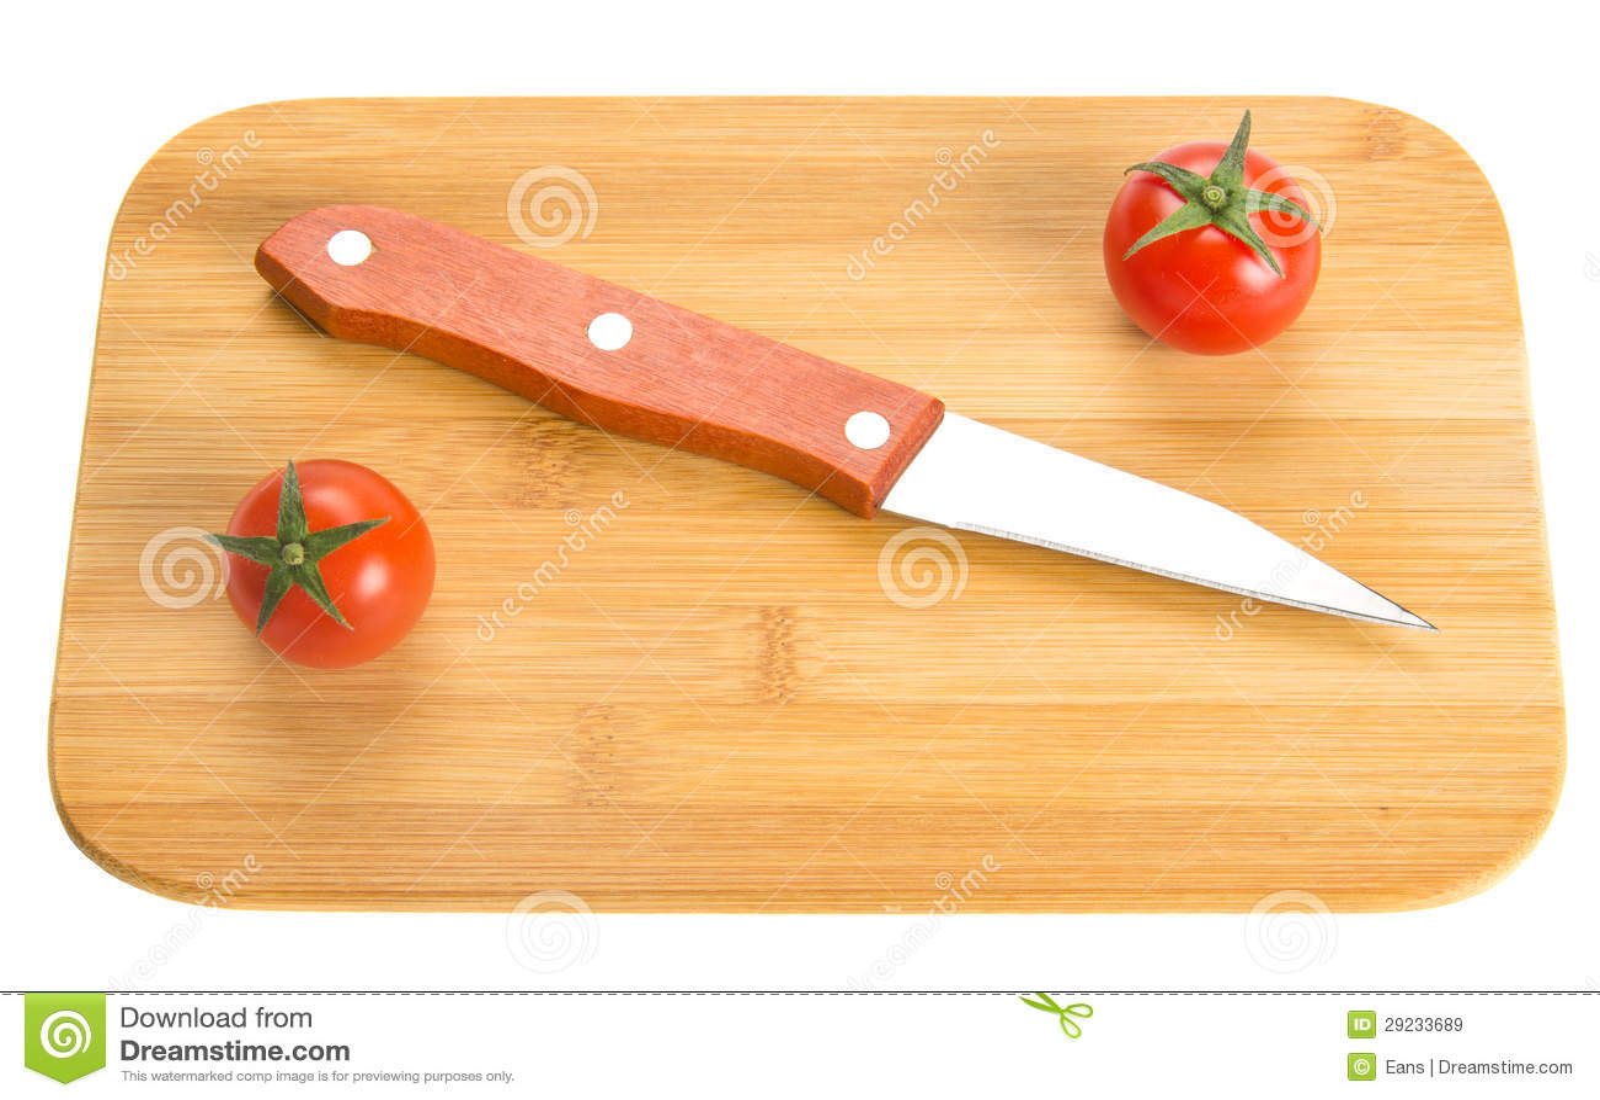 Download Faca De Cozinha Curta Na Placa De Desbastamento Imagem de Stock - Imagem de faca, short: 29233689